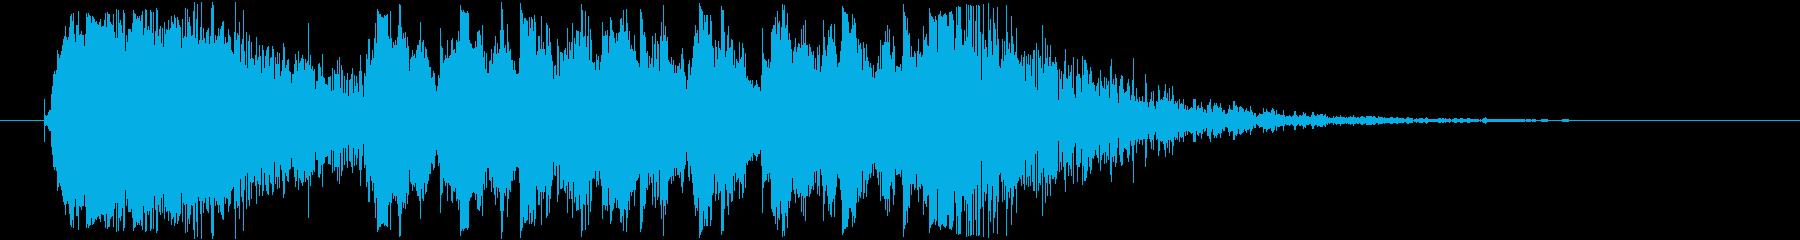 エレクトロ_ハイクオリティージングル_1の再生済みの波形